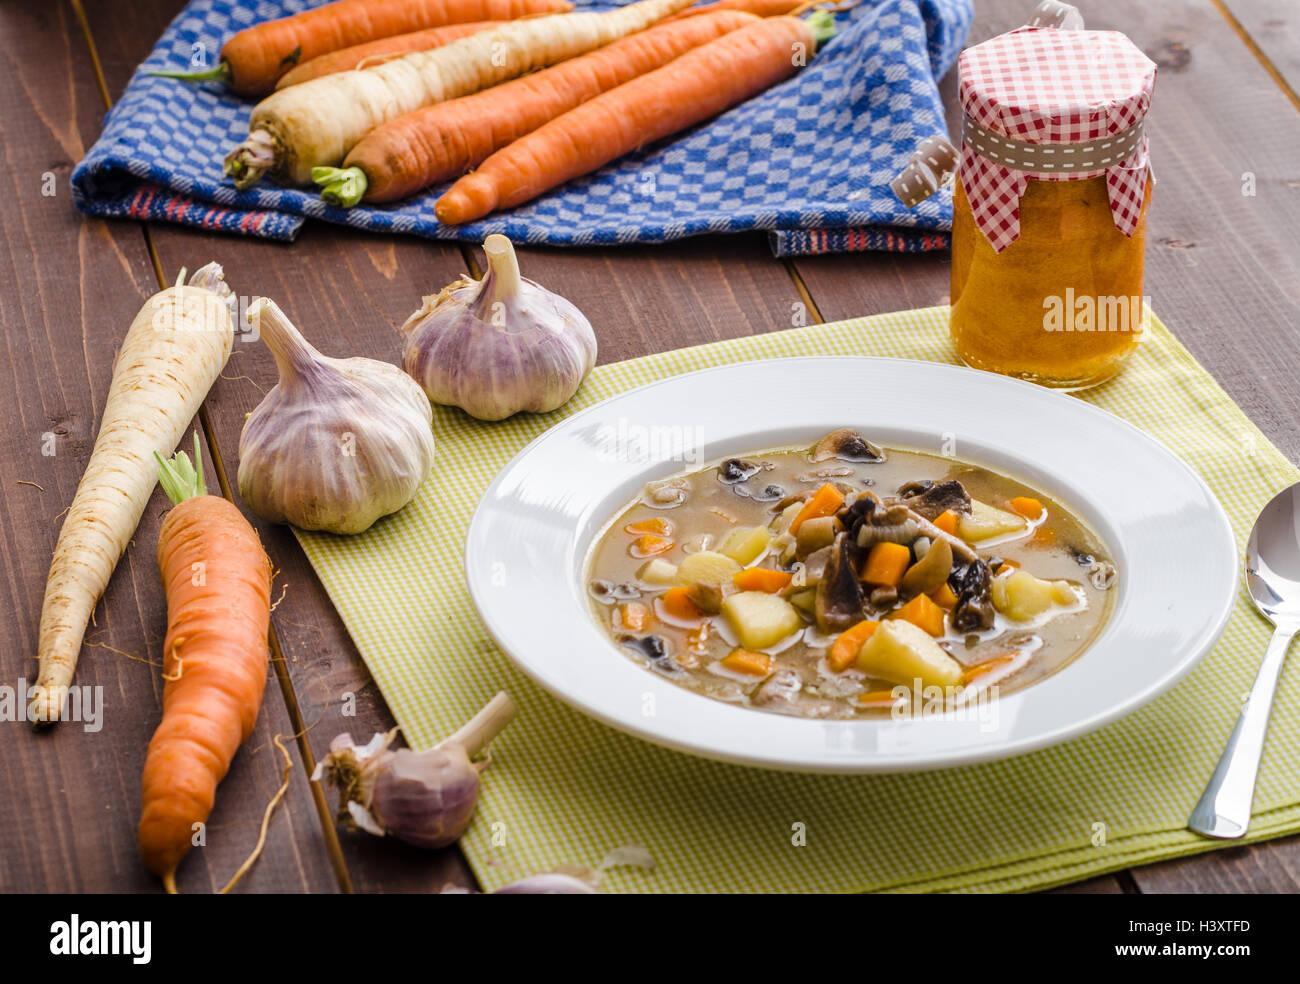 Potato Soup With Mushrooms Stockfotos & Potato Soup With Mushrooms ...